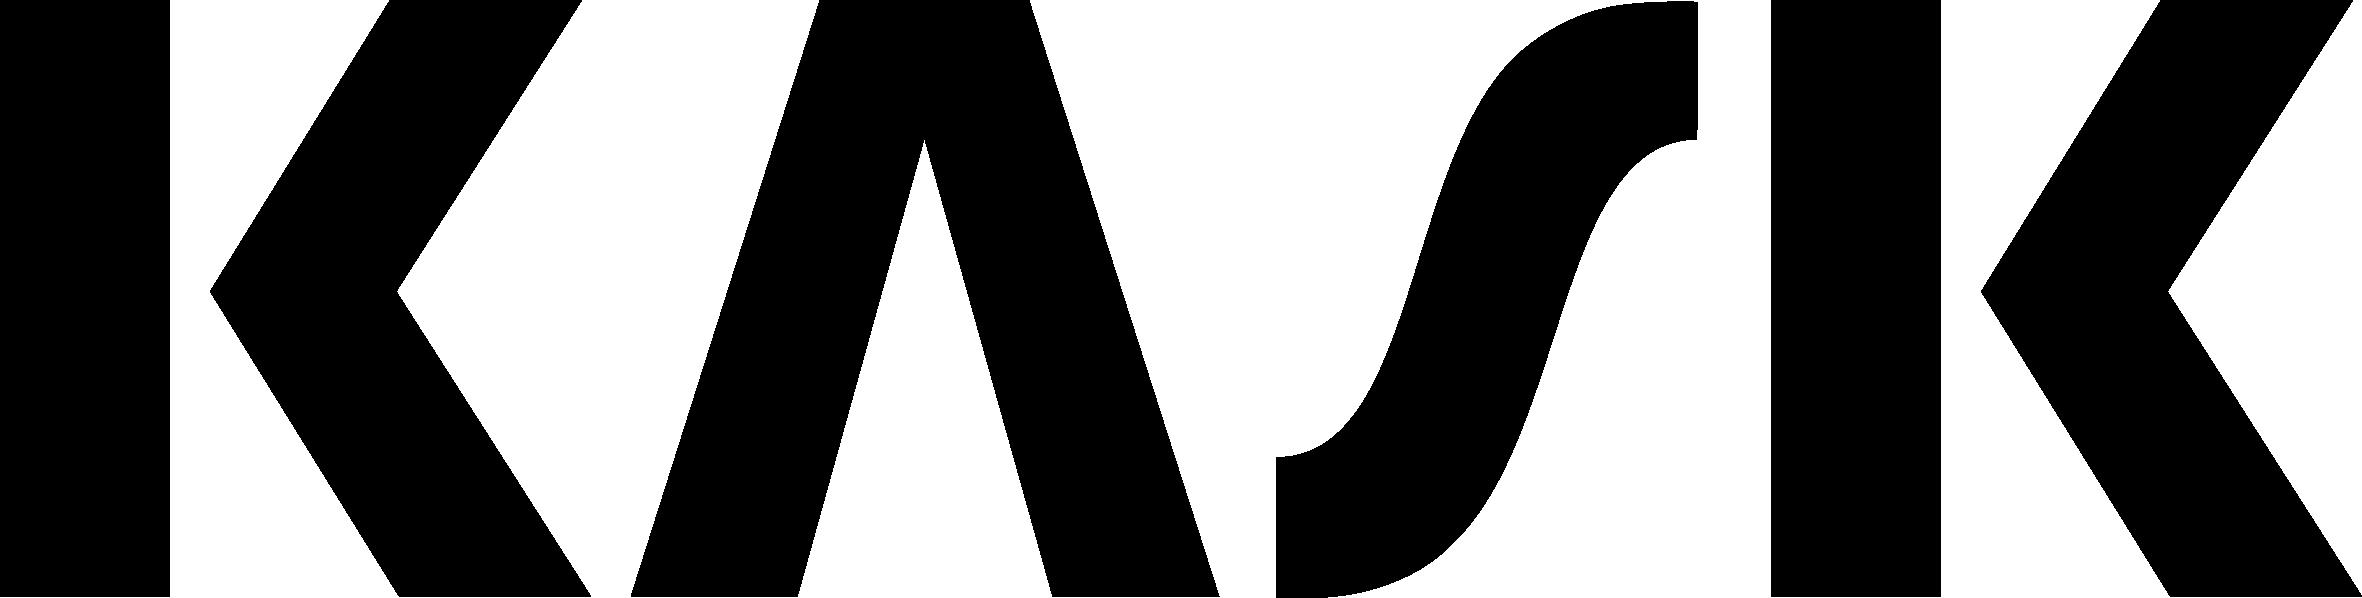 emile_vezina_kask_logo.jpg